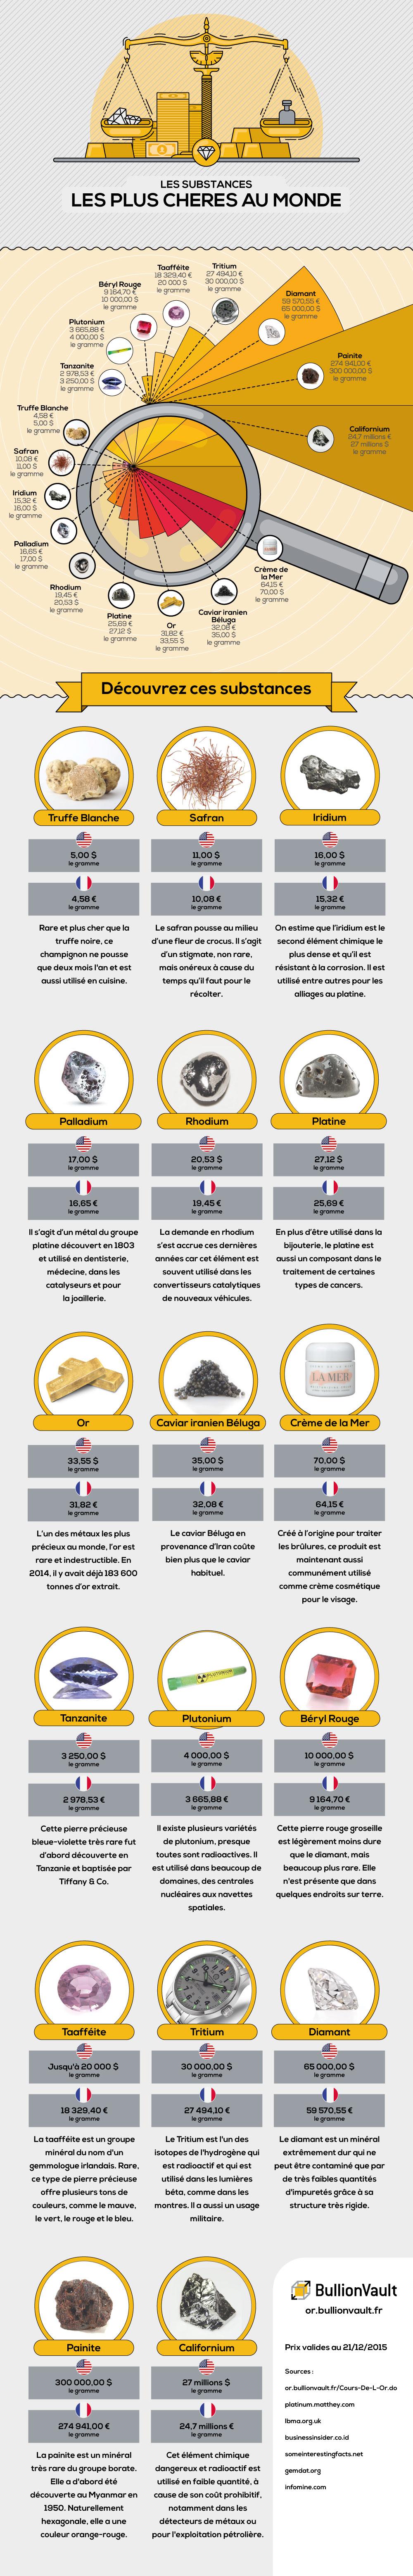 Les substances les plus chères au monde